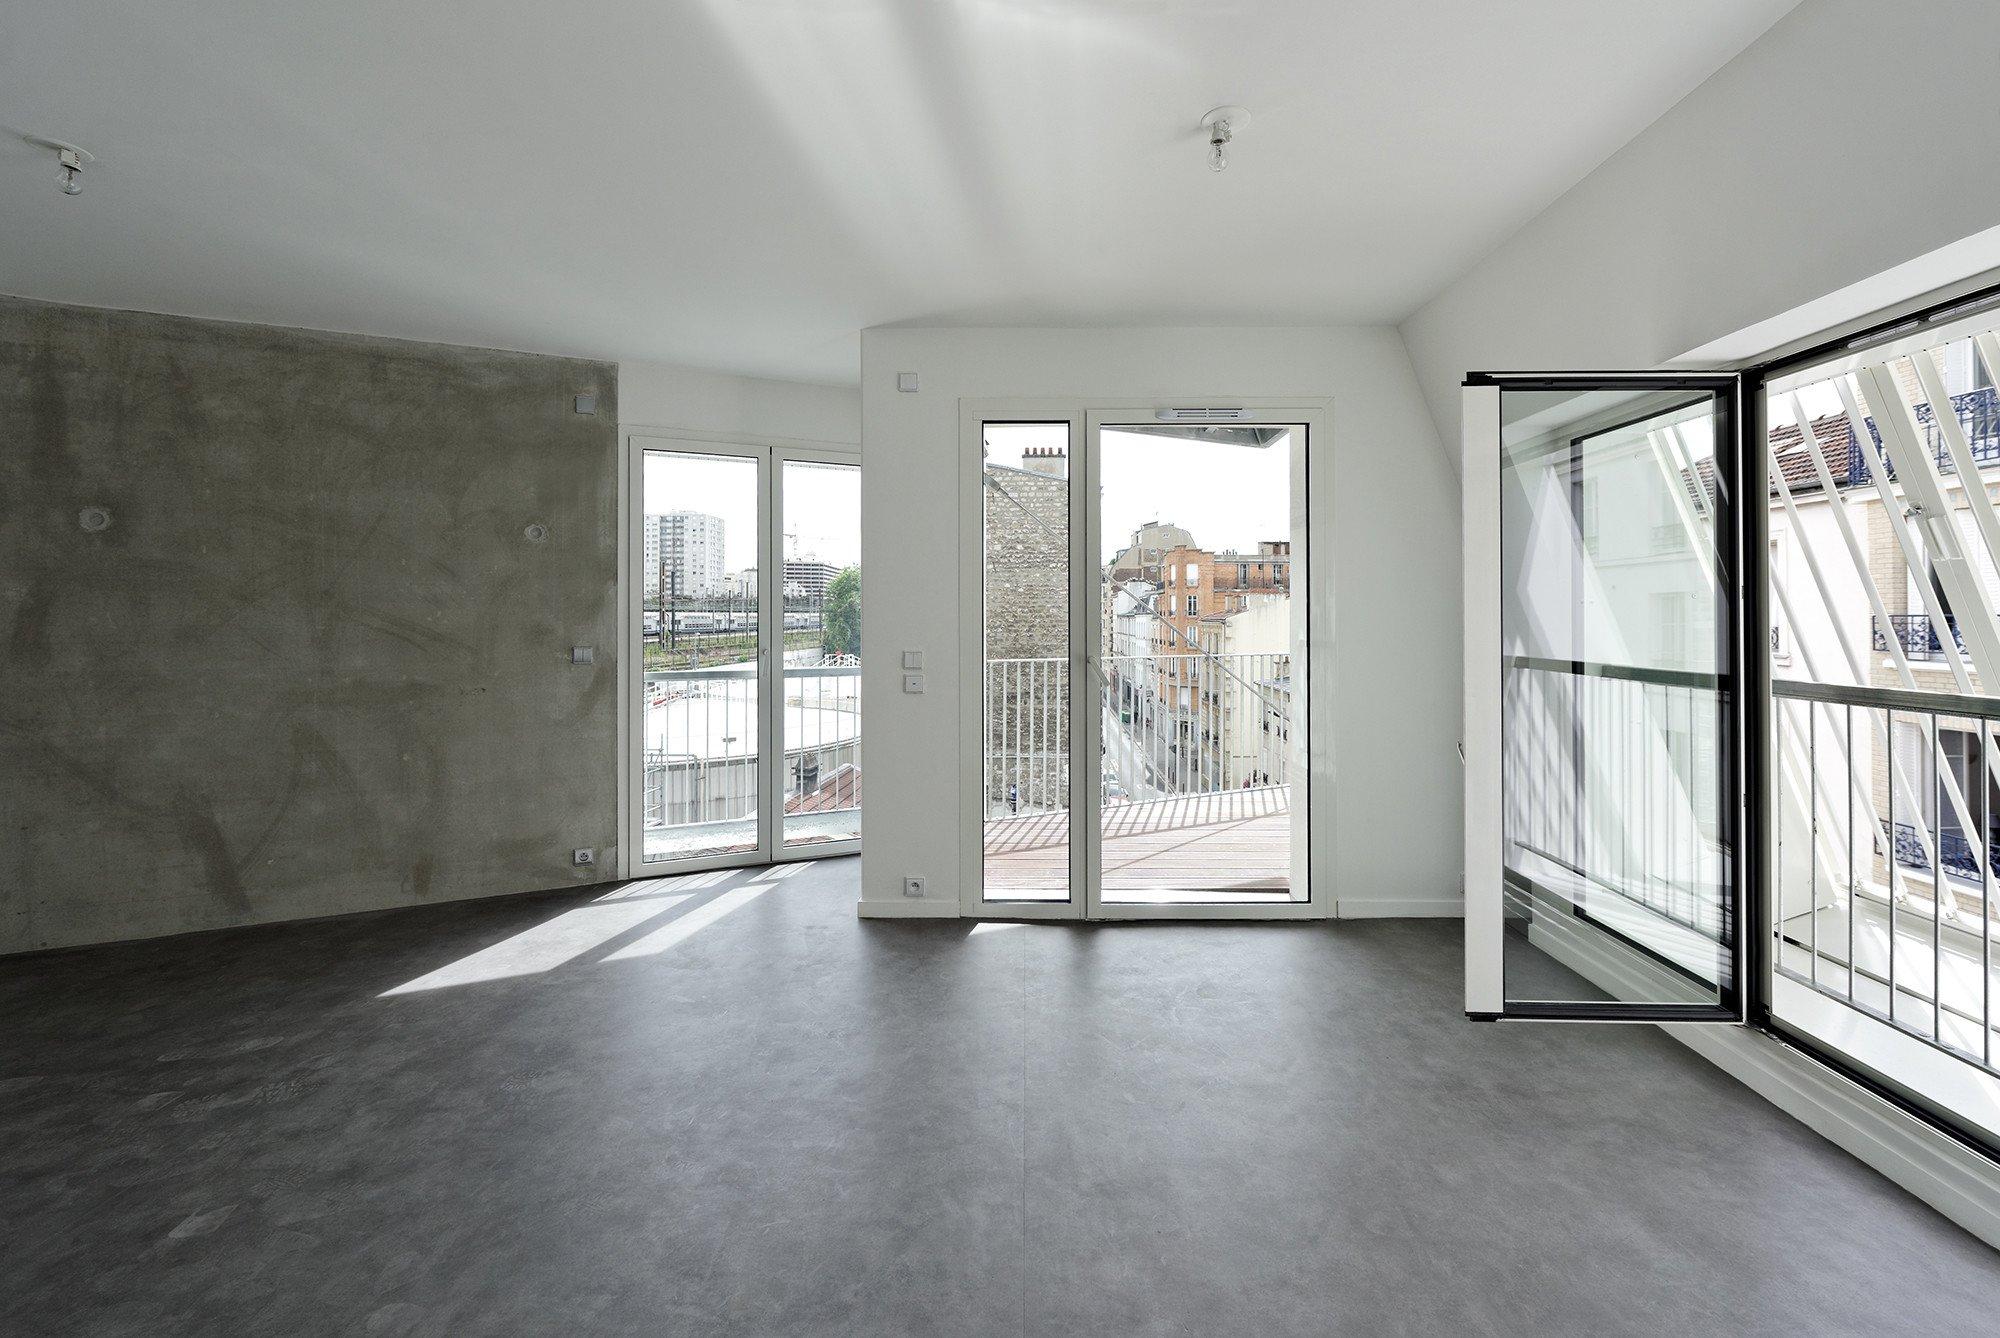 Sozialer Wohnungsbau in Paris | Fassade | Wohnen | Baunetz_Wissen